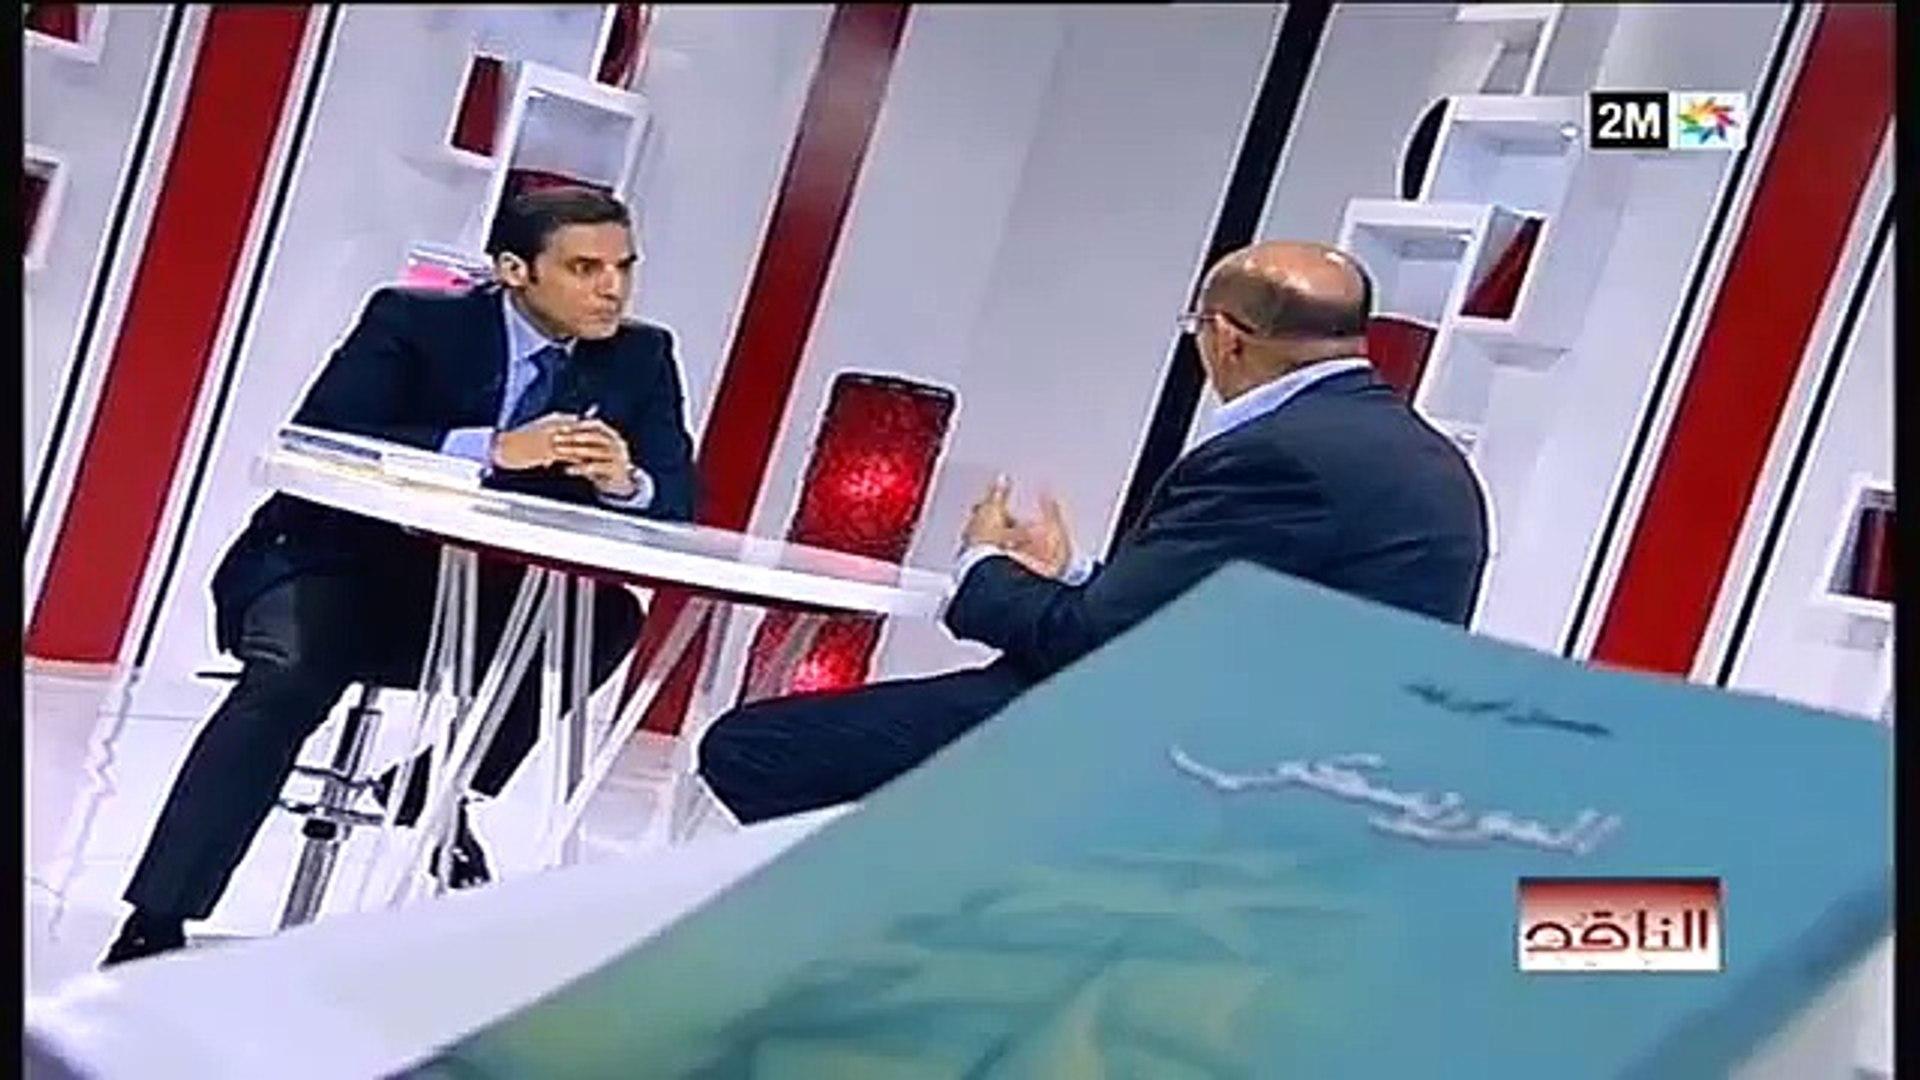 رواية الموريسكي لحسن أوريد على برنامج الناقد